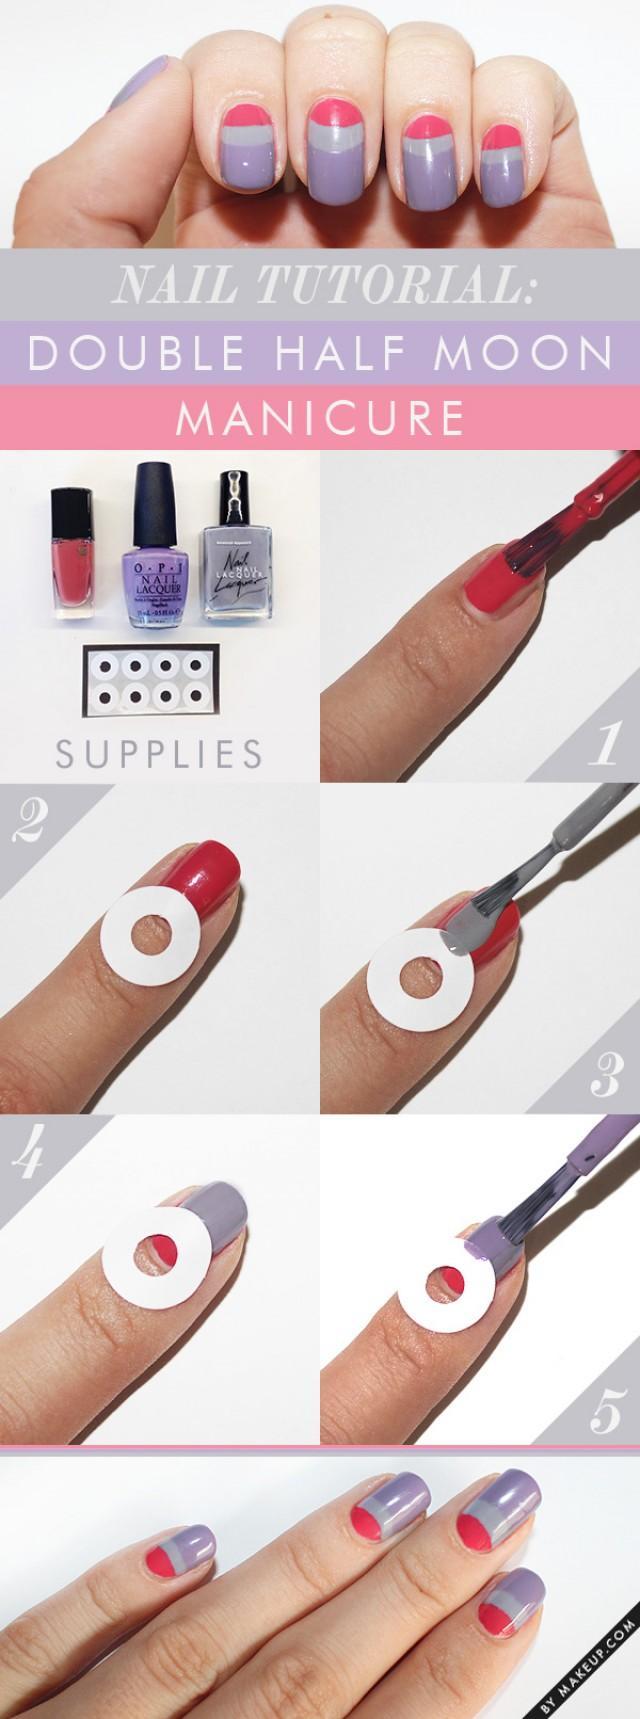 Как сделать рисунки шеллаком на ногтях? Фото и дизайны 59